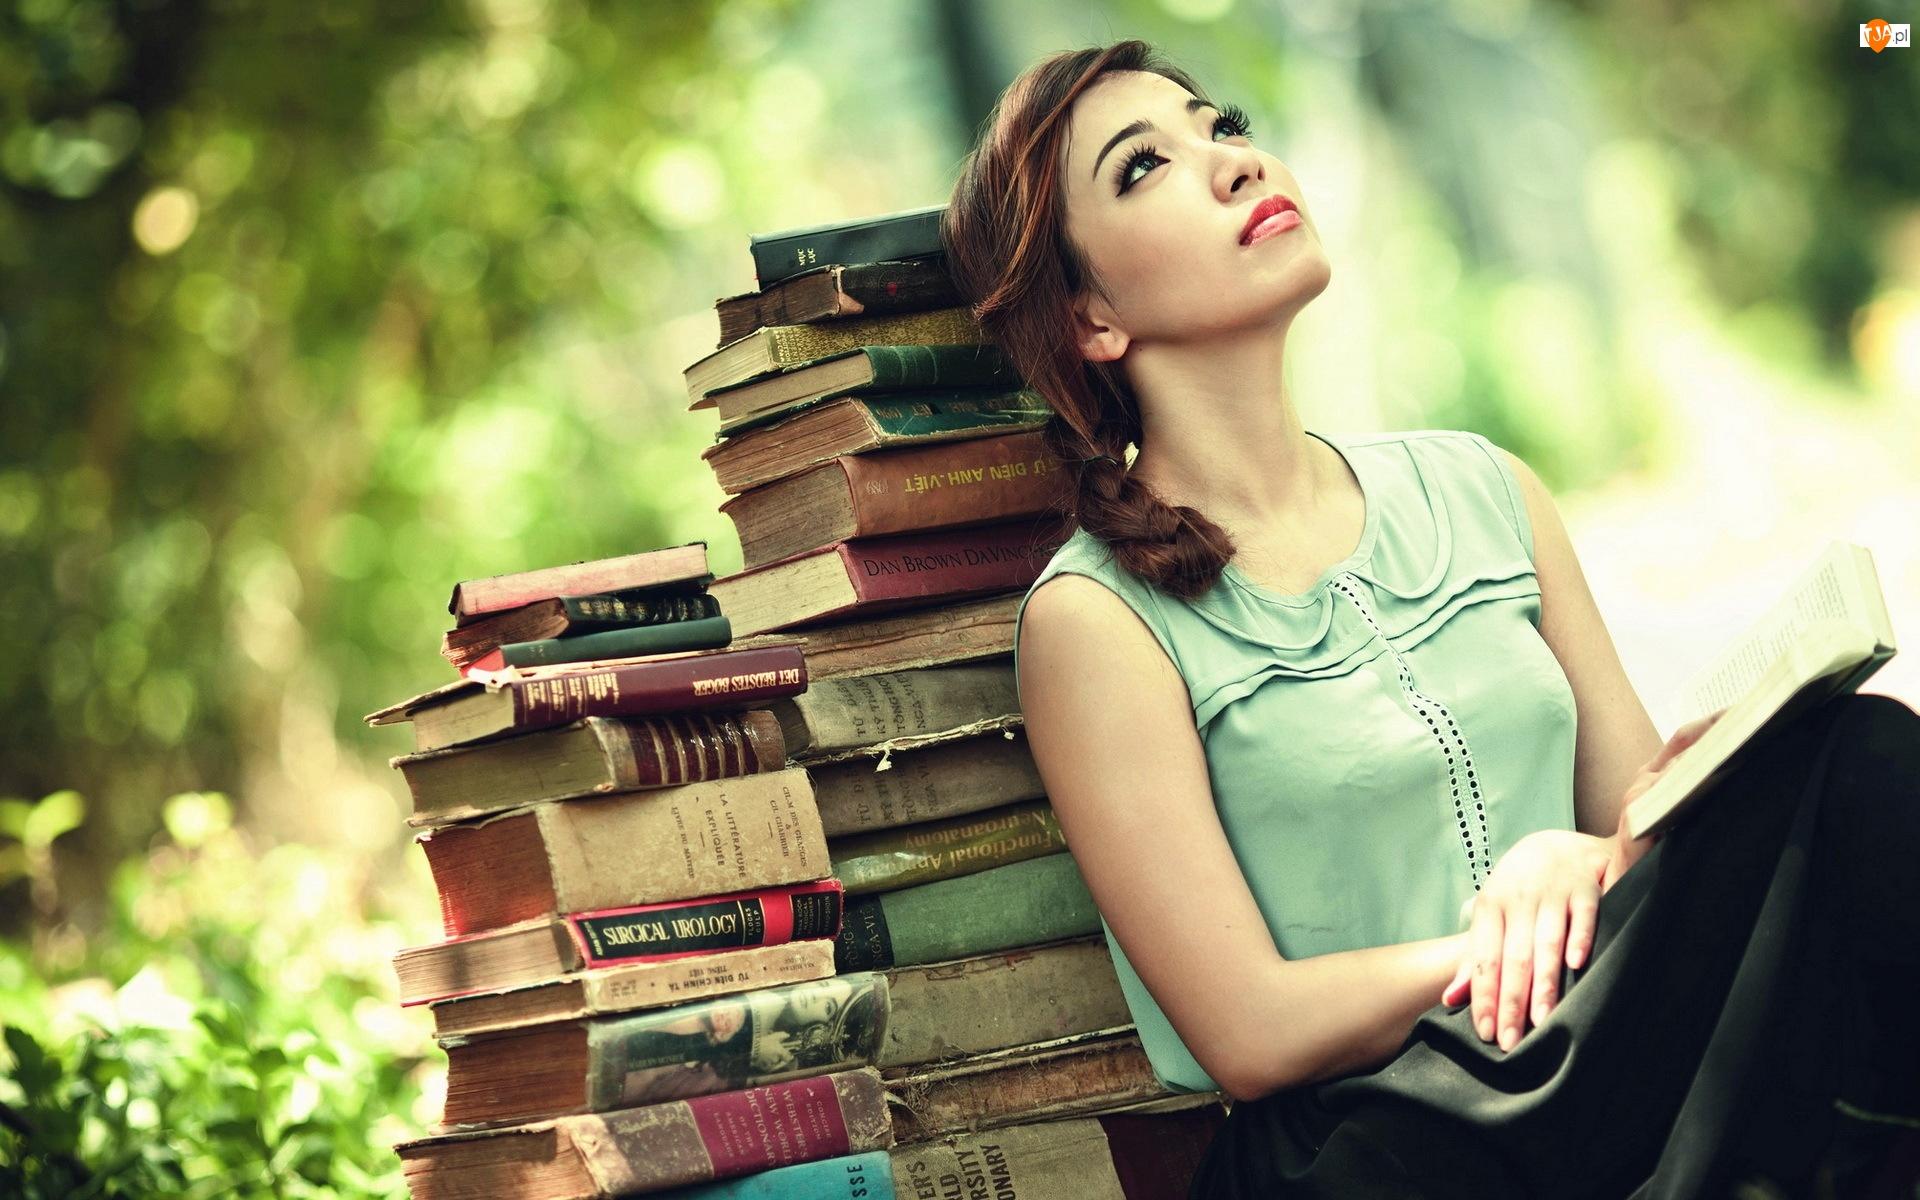 Książki, Zamyślona, Kobieta